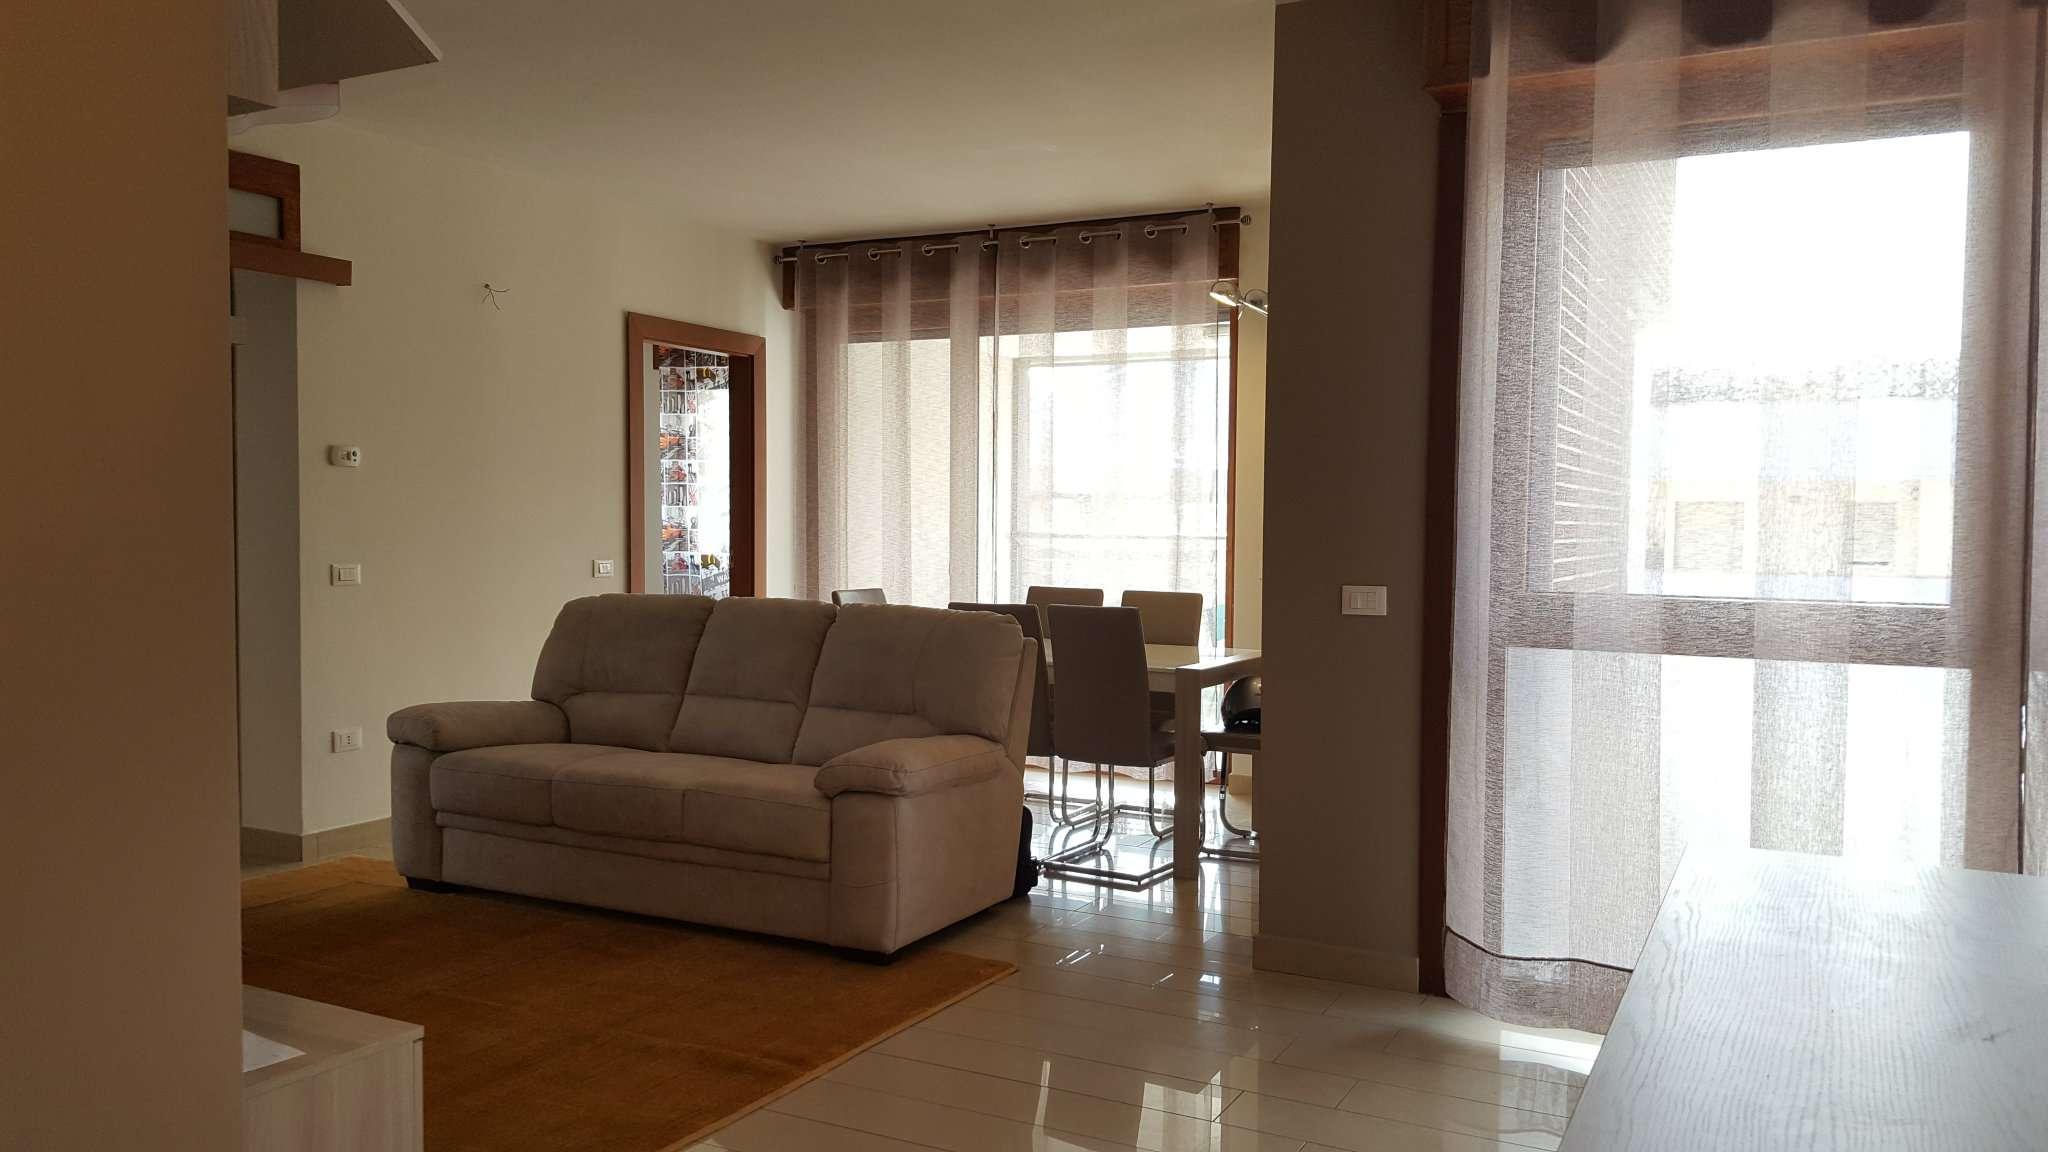 Appartamento in affitto a Napoli, 5 locali, zona Zona: 4 . San Lorenzo, Vicaria, Poggioreale, Zona Industriale, Centro Direzionale, Trattative riservate | CambioCasa.it